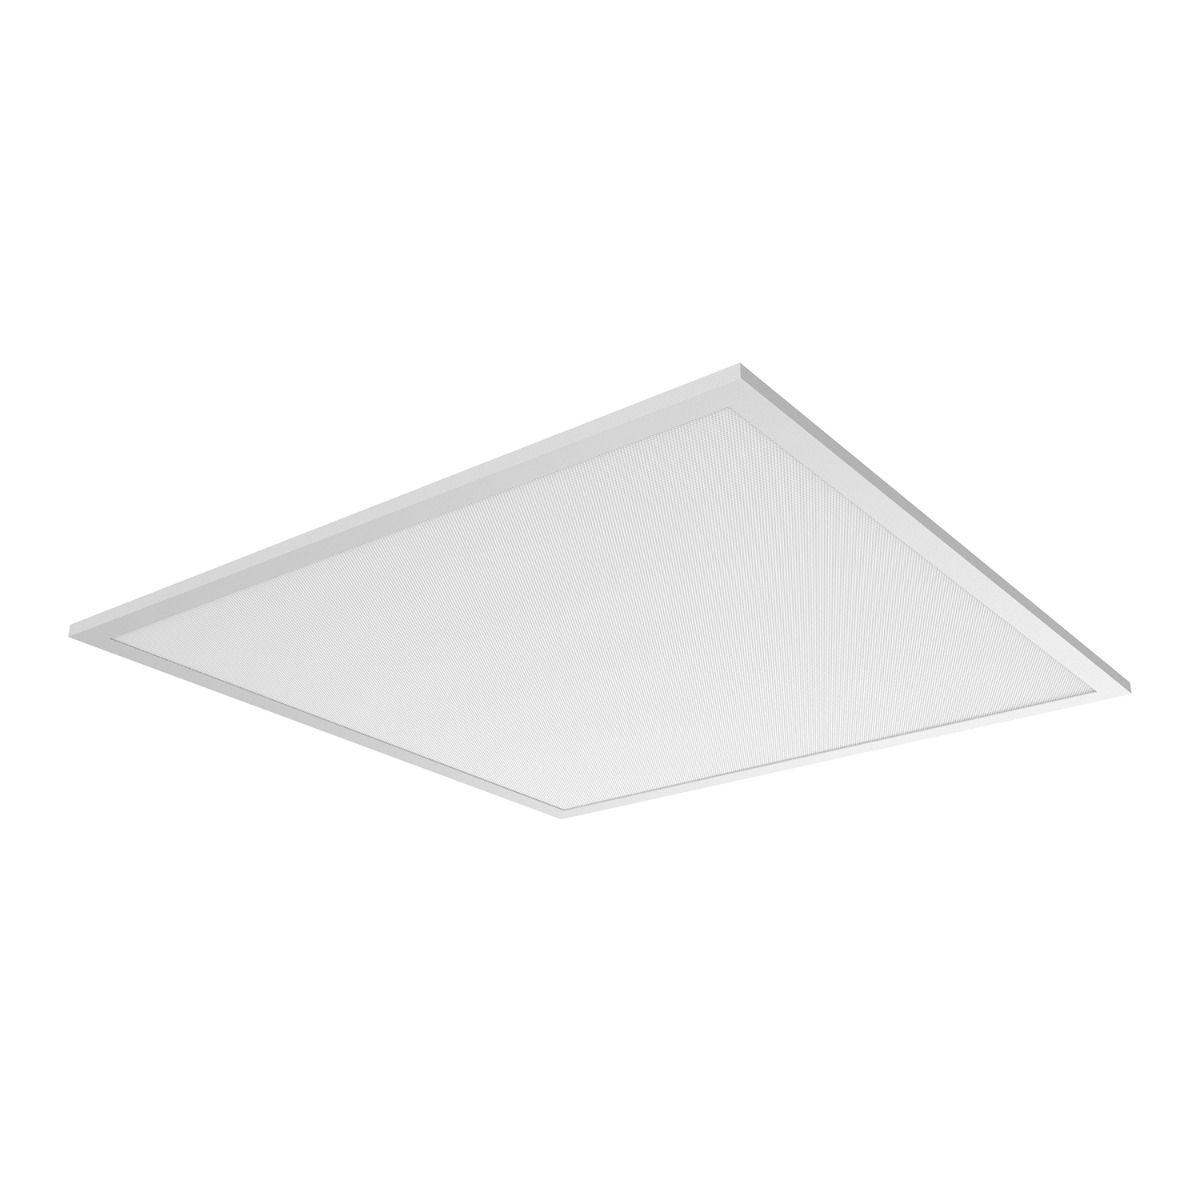 Noxion Panneau LED Delta Pro V3 Highlum 36W 4000K 5500lm 60x60cm UGR <19   Blanc Froid - Substitut 4x18W